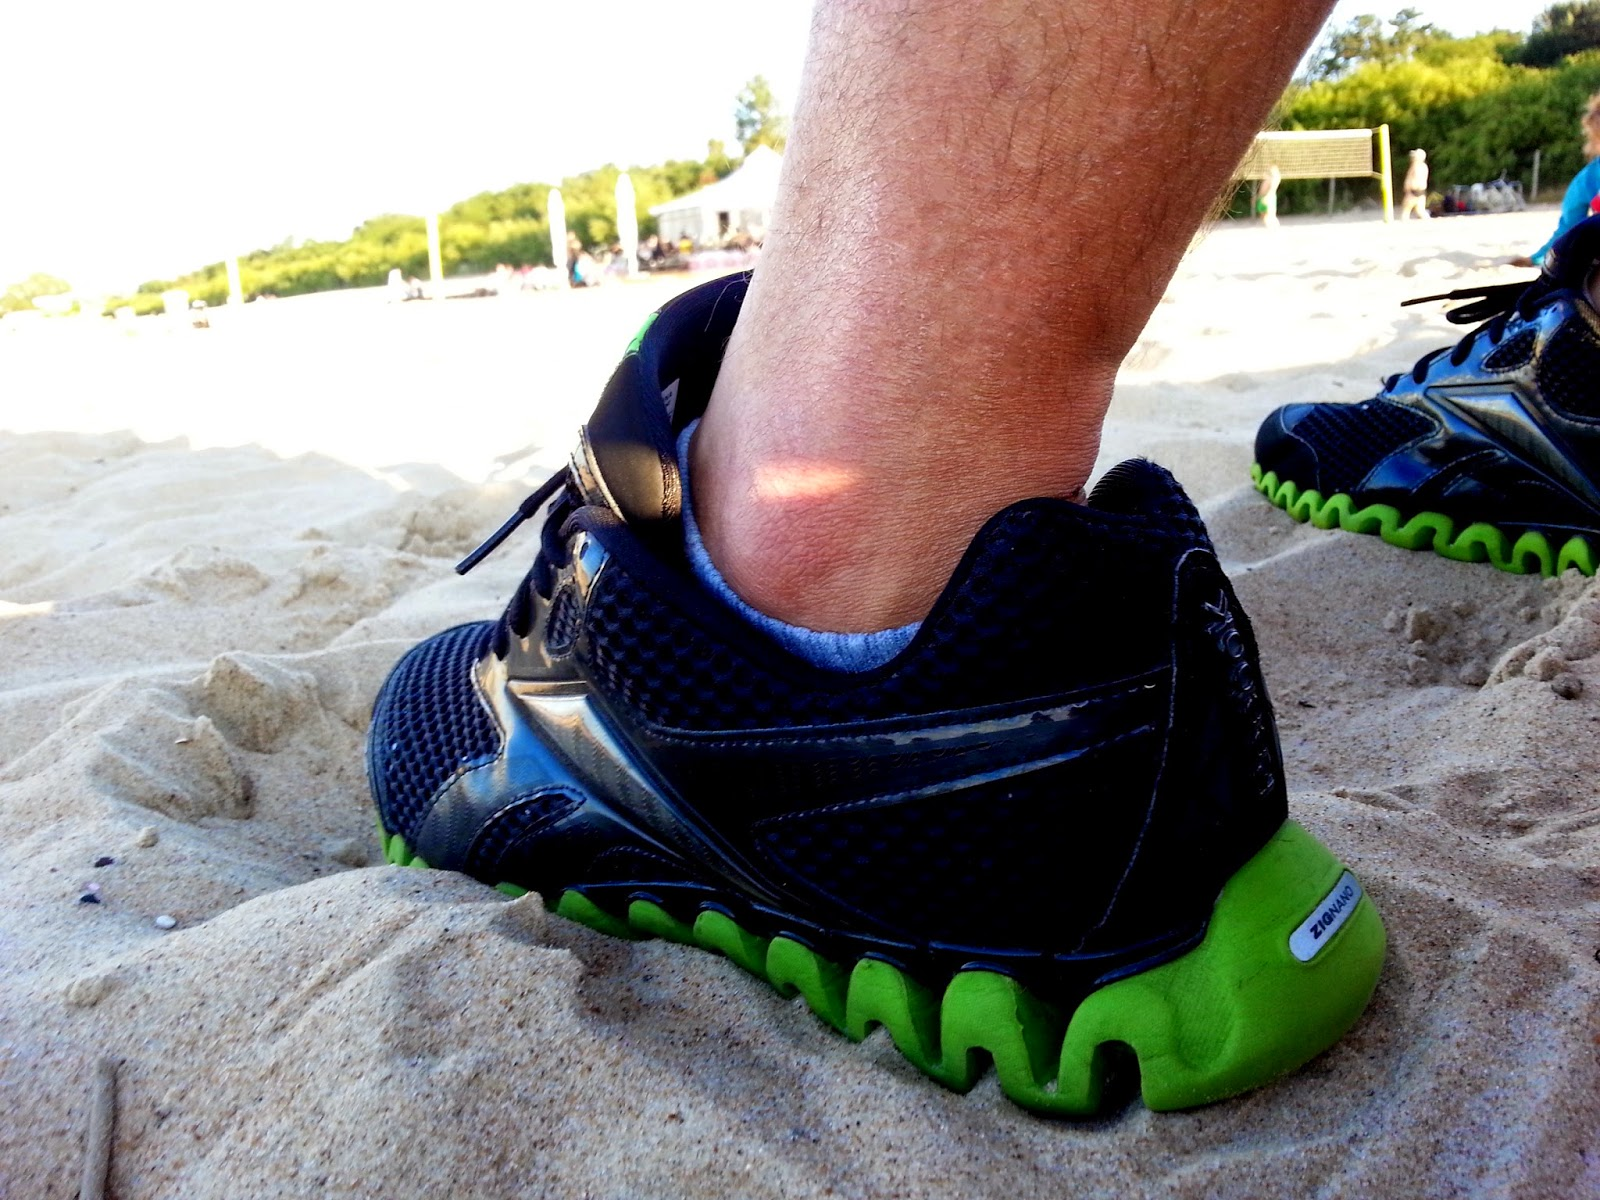 674ff6c4e6453 Najlepsze buty do biegania i nie tylko - Reebok ZigNano ~ Nie ...